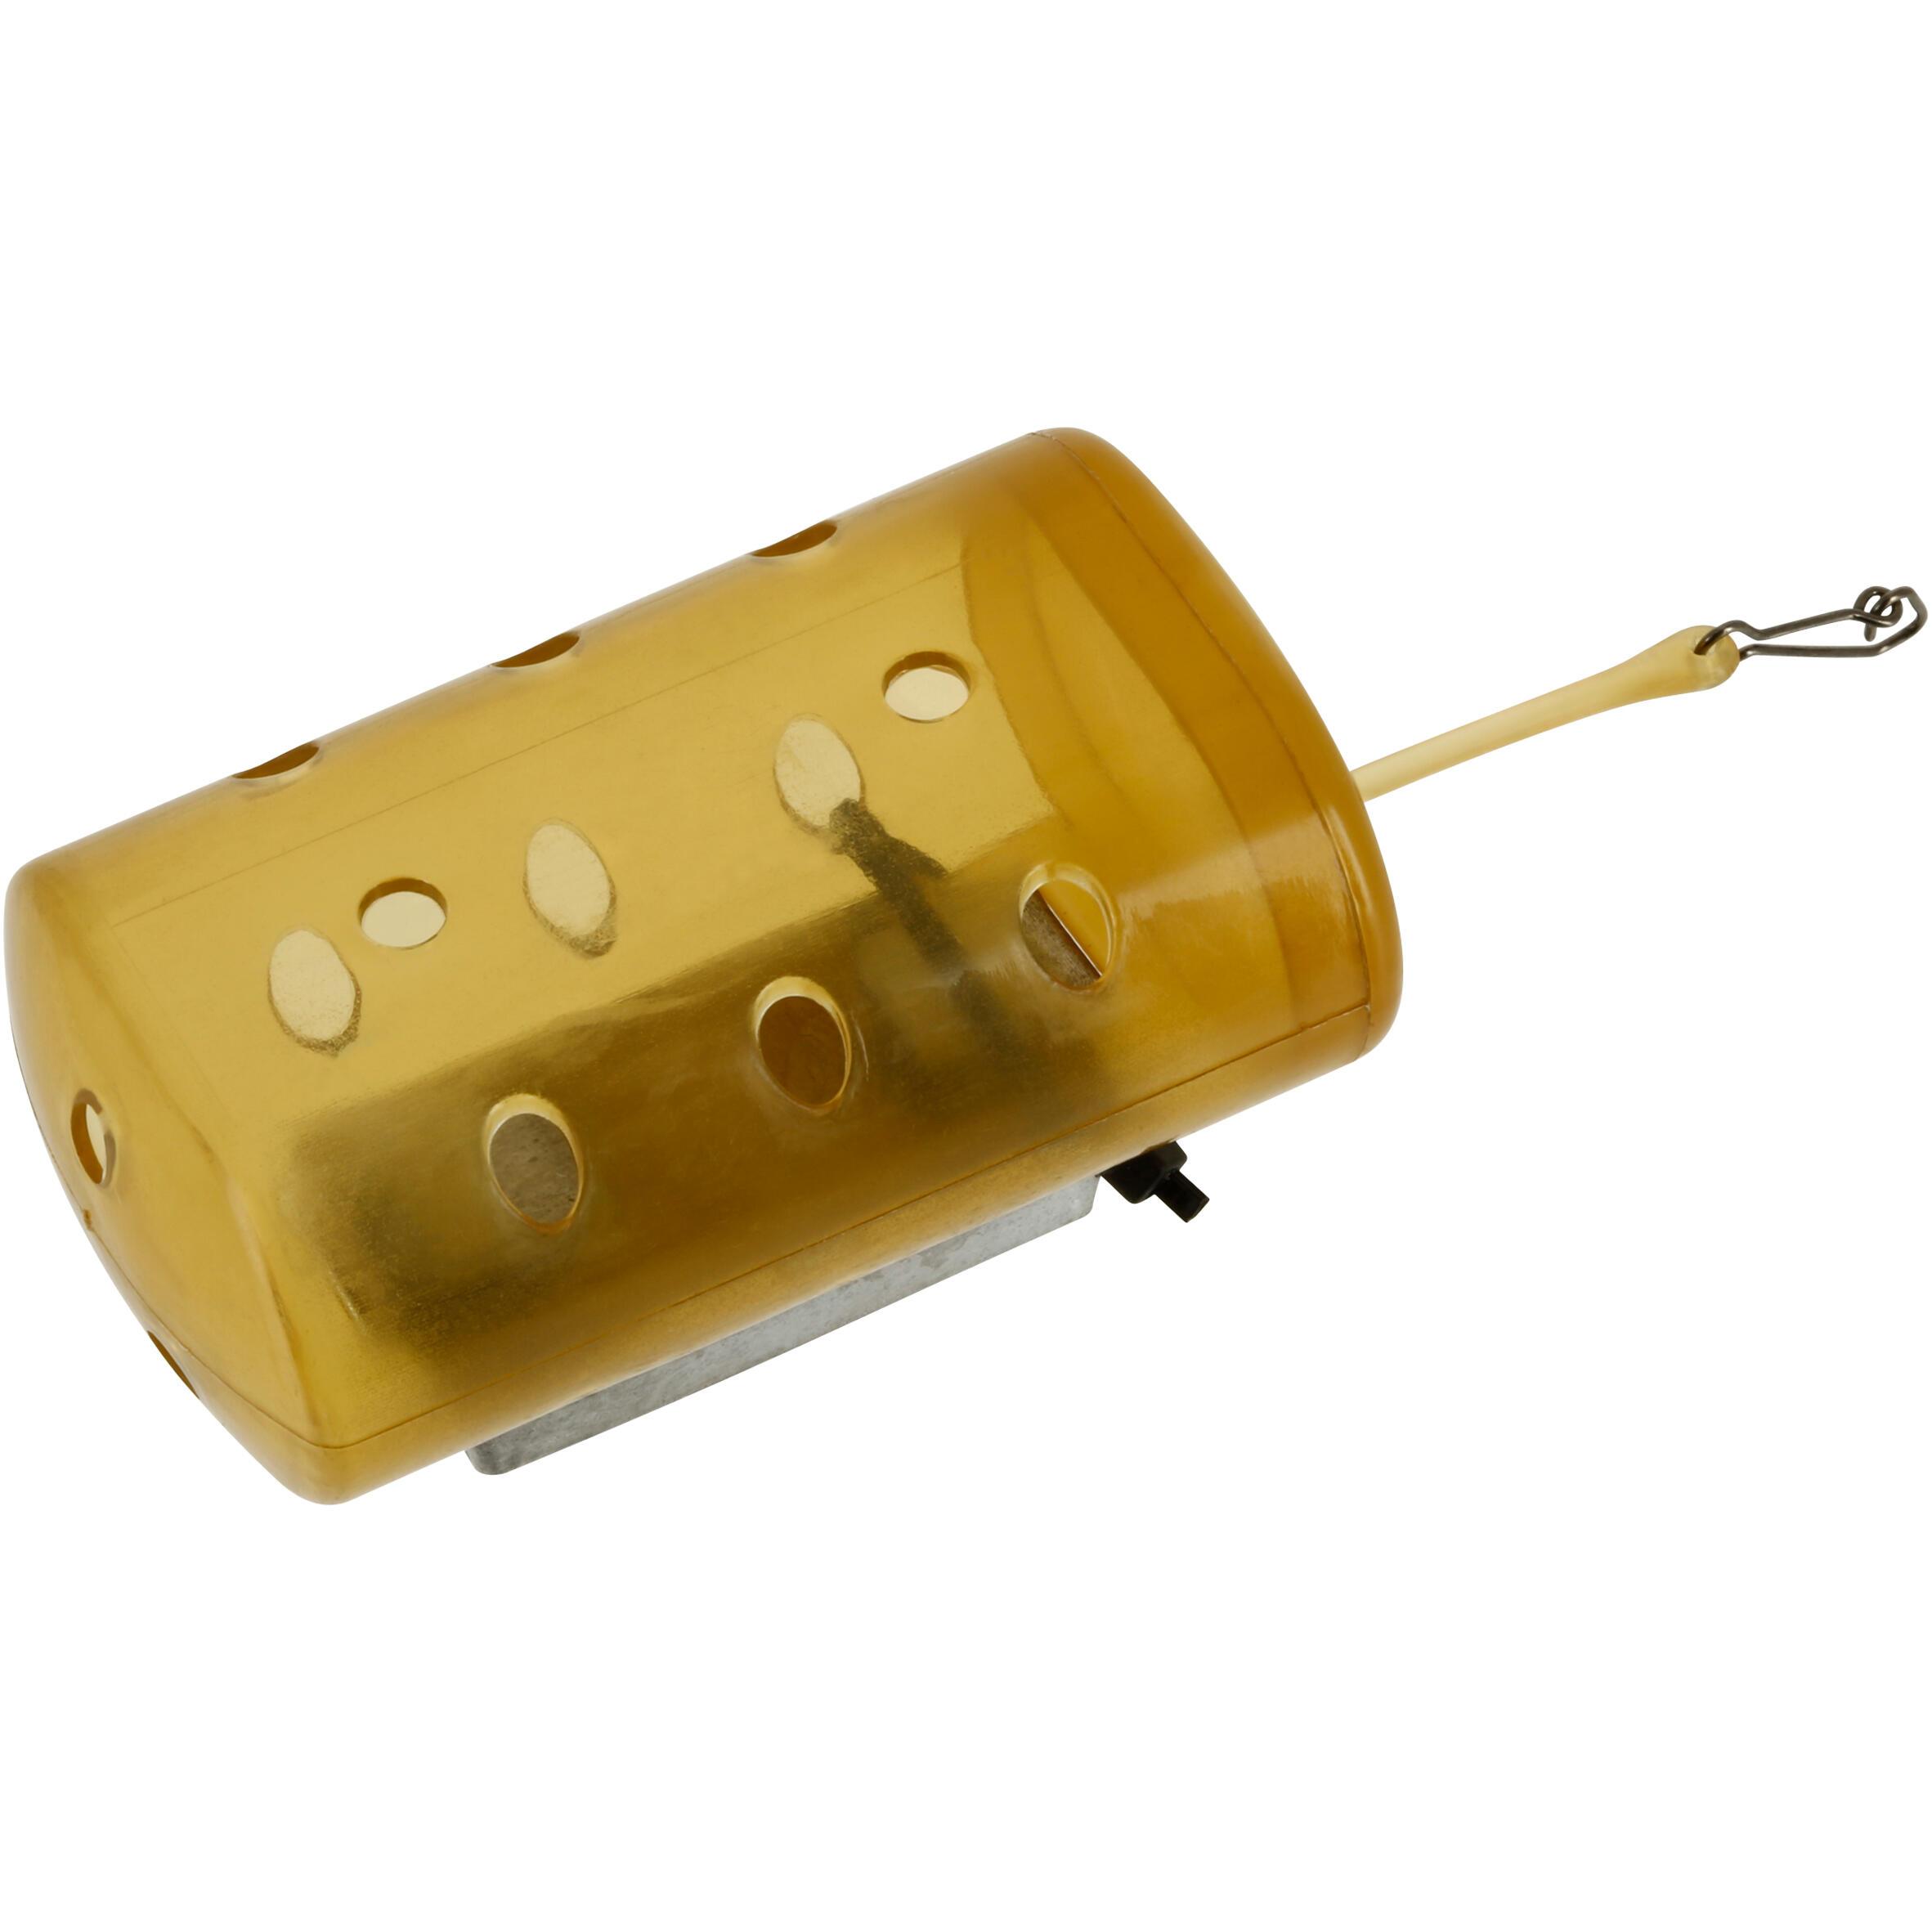 Caperlan Accessoire feedervissen Livebait'Feeder x1 30 g